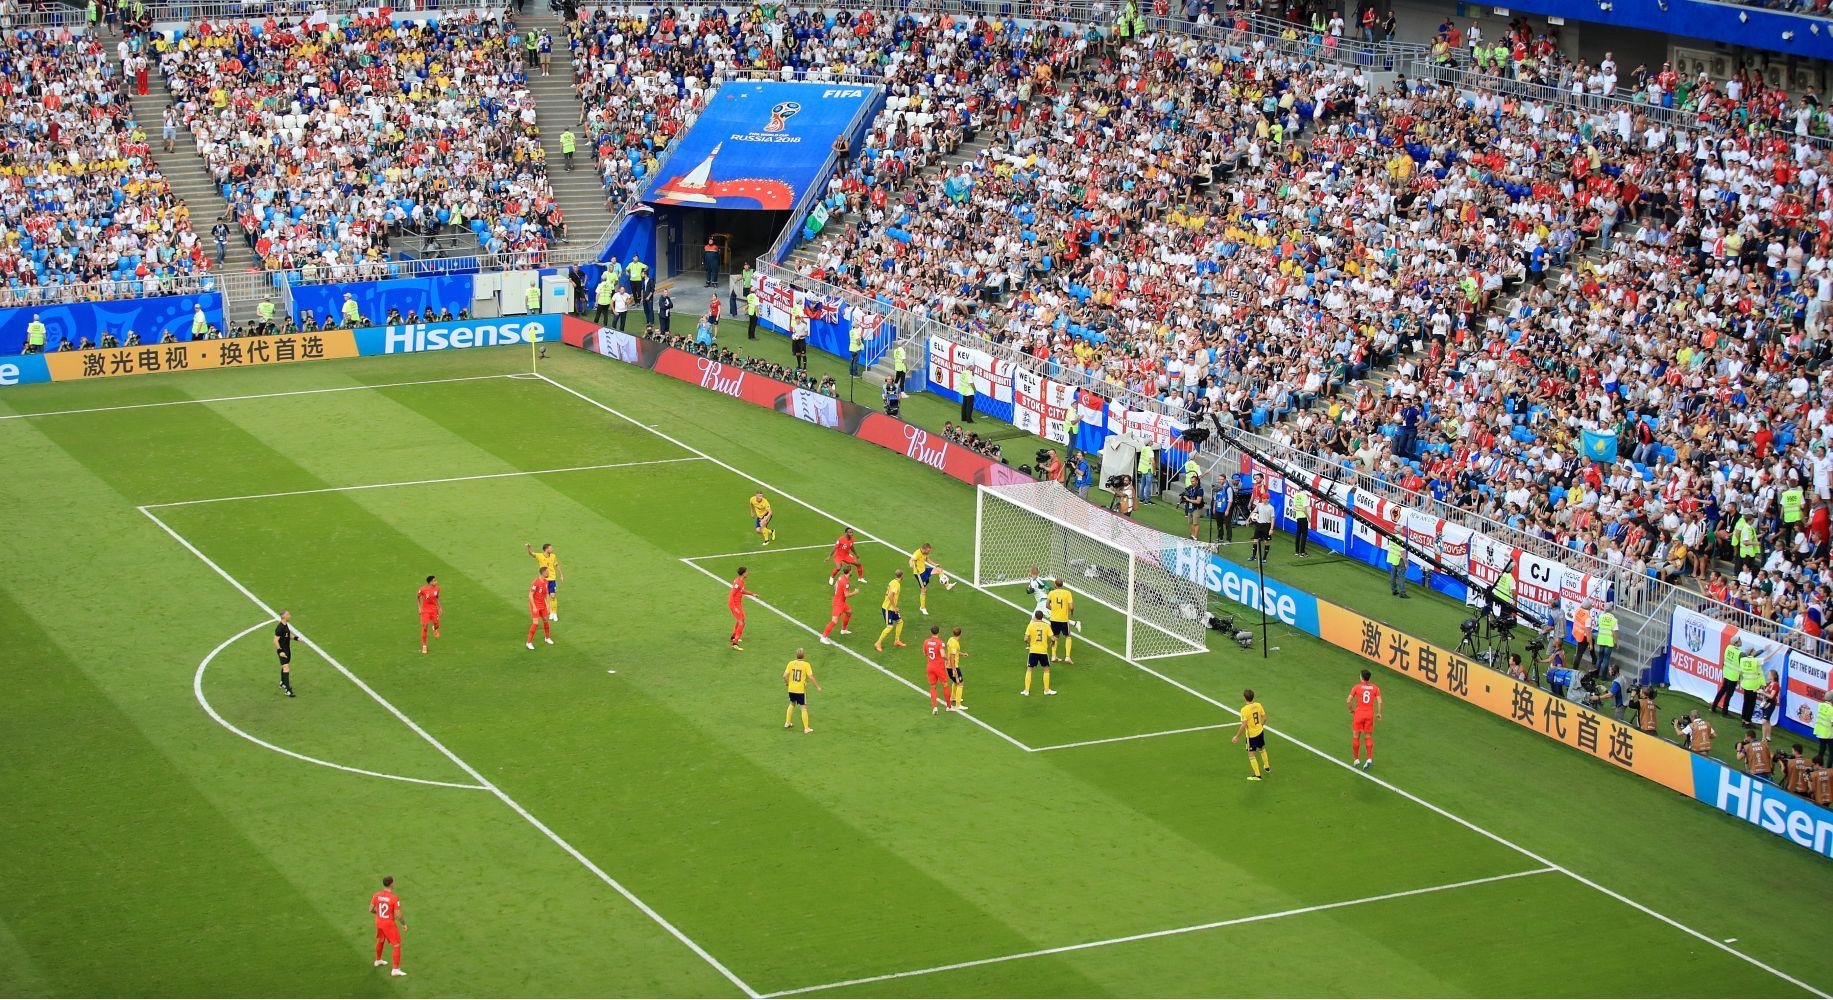 Croatia vs England odds